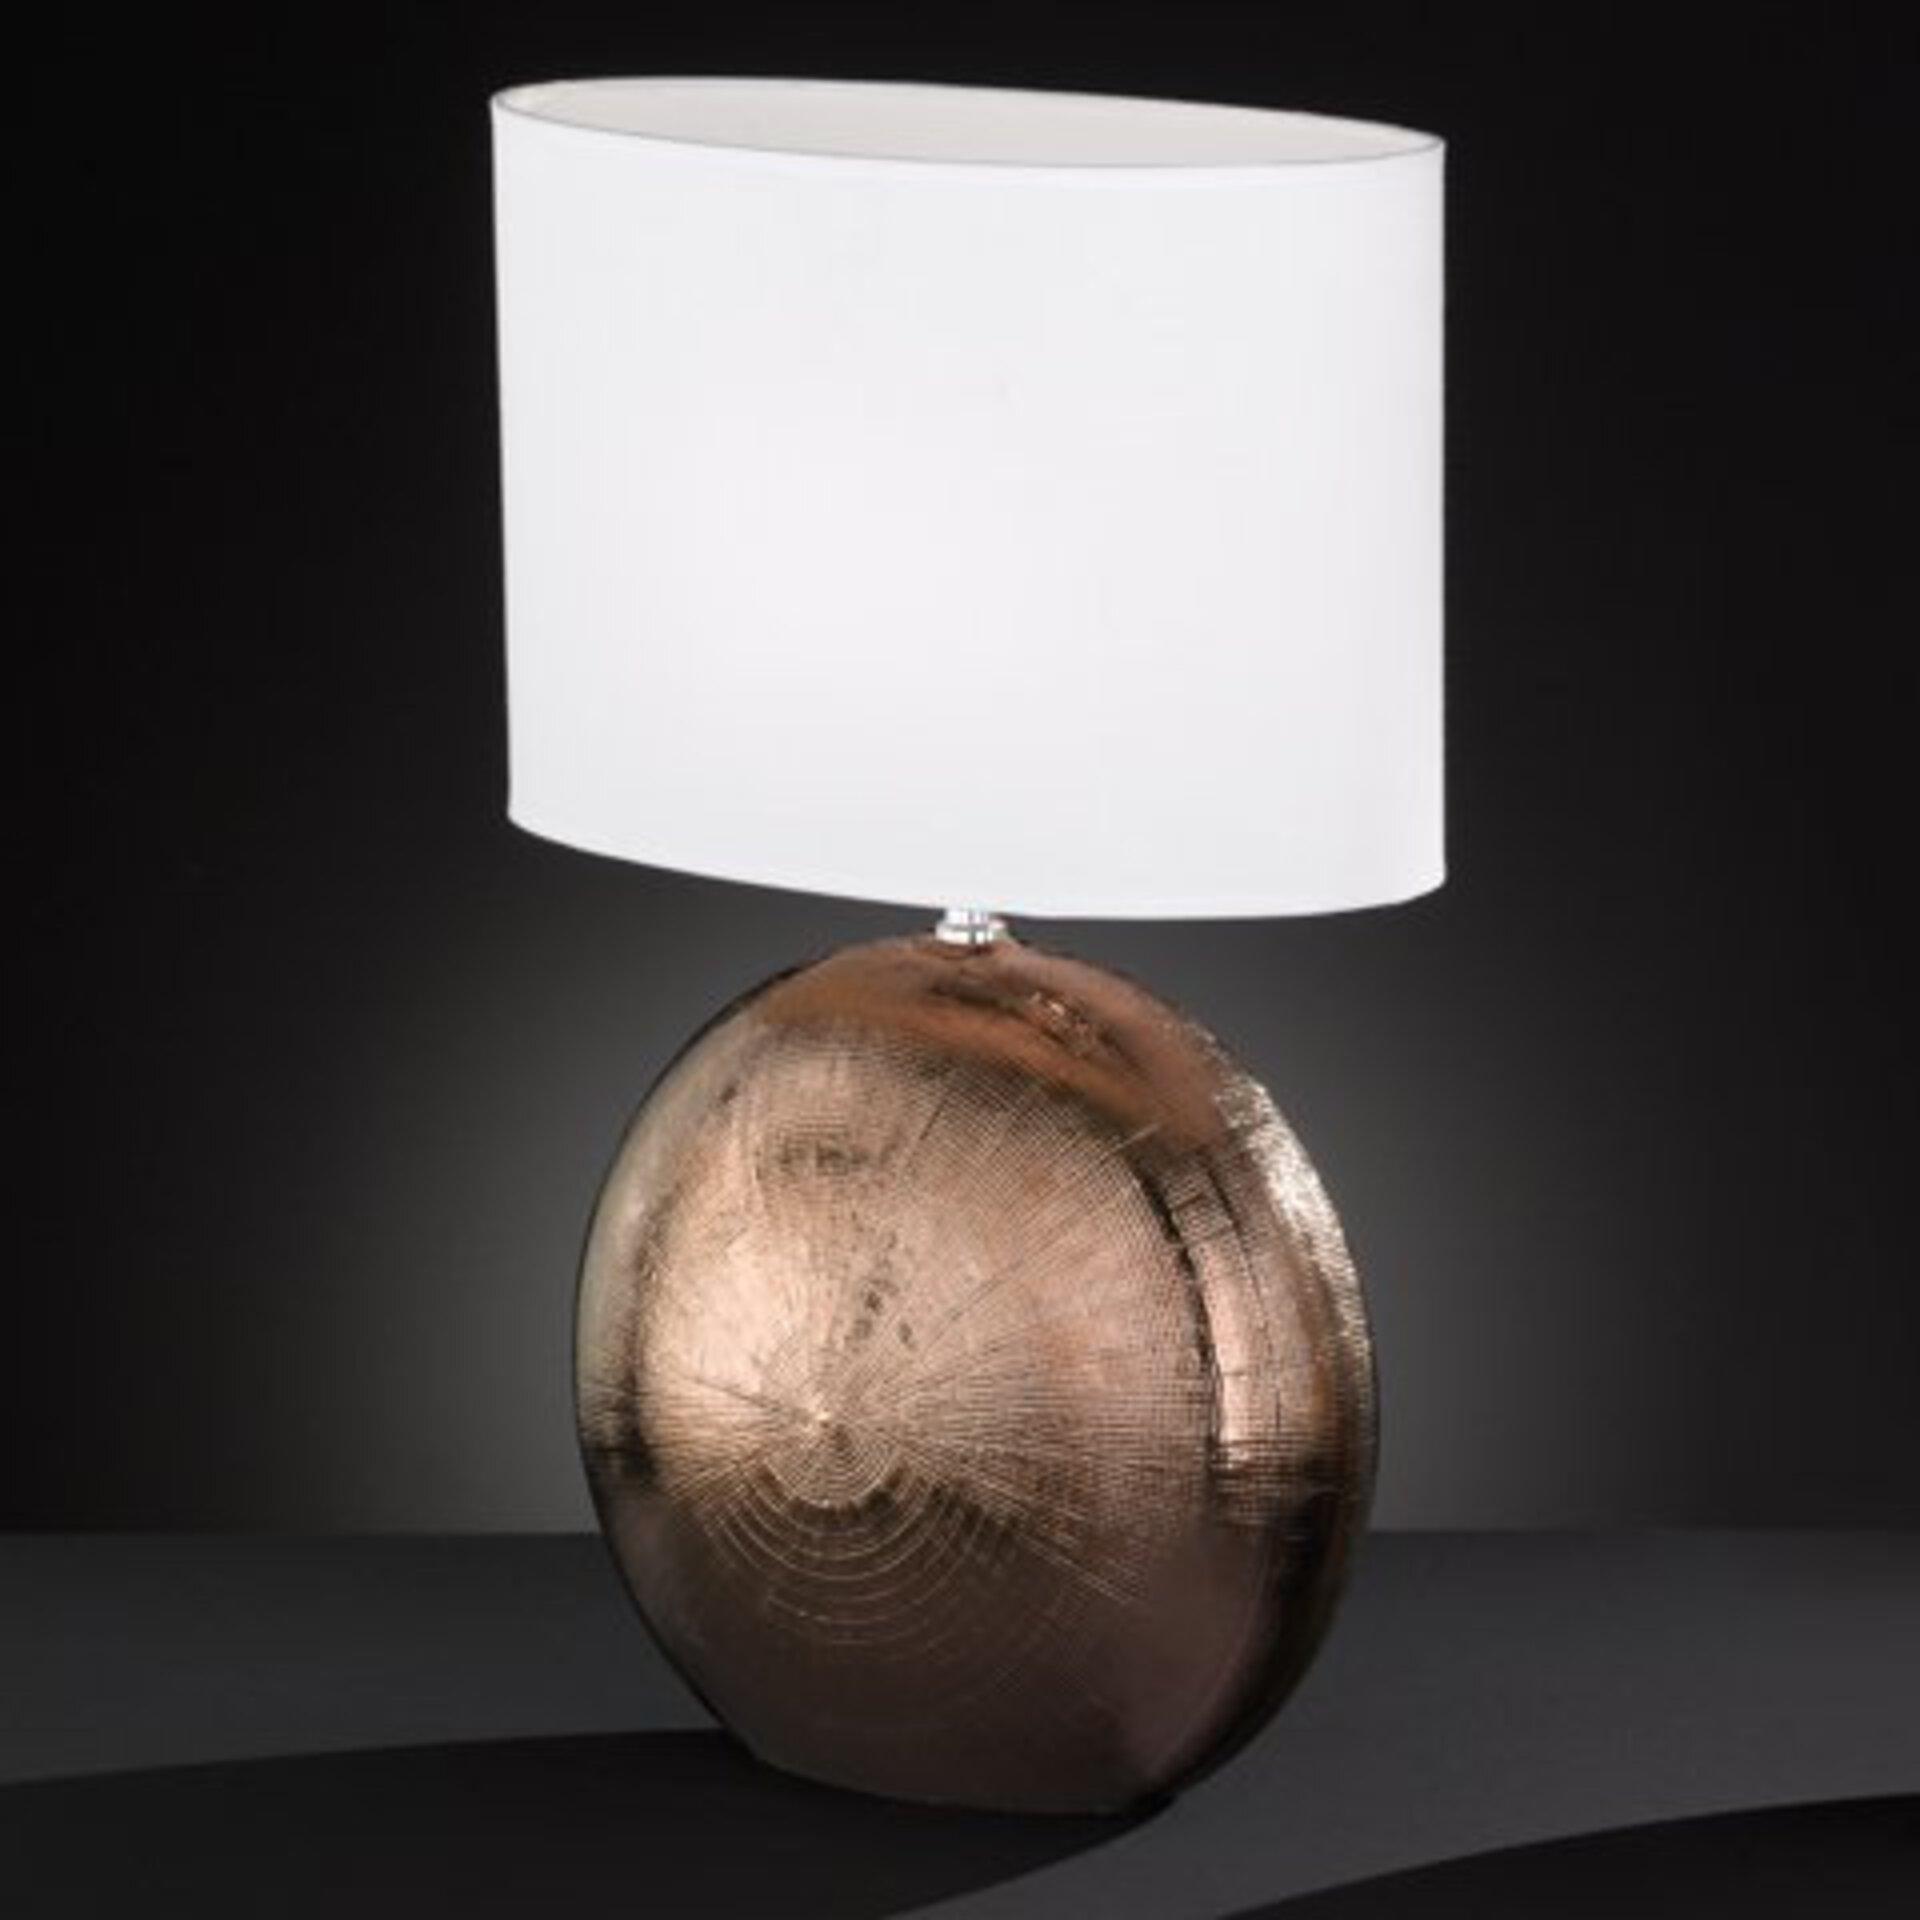 Tischleuchte Foro Fischer-Honsel Keramik braun 17 x 53 x 34 cm